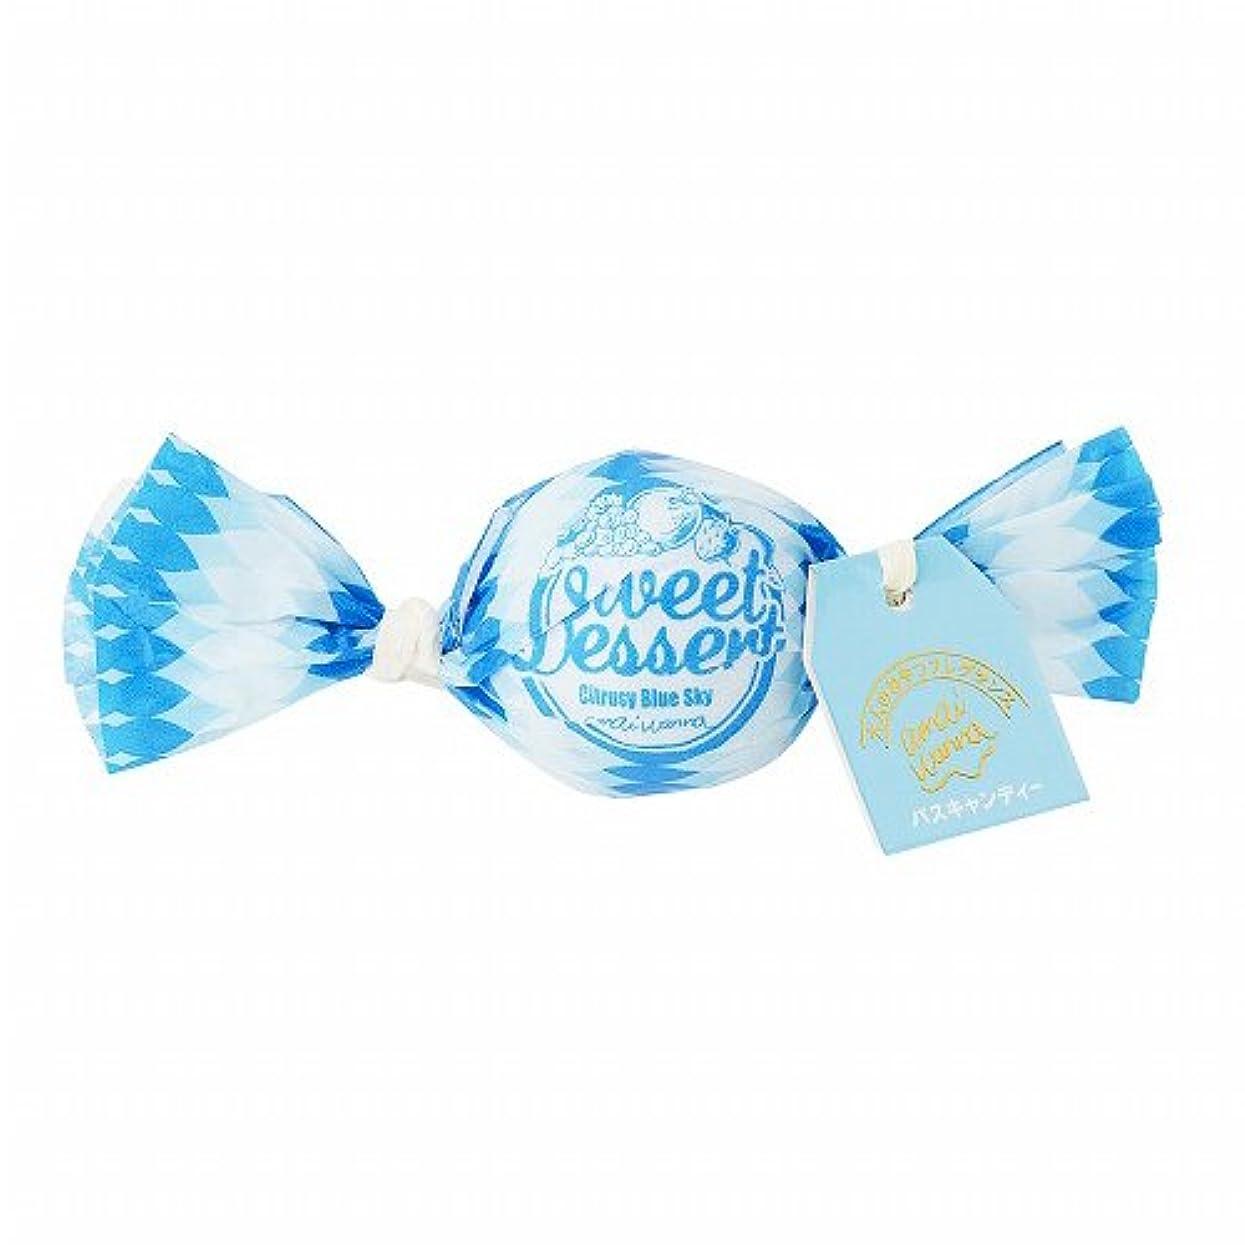 コードストロー錫アマイワナバスキャンディー青空シトラス